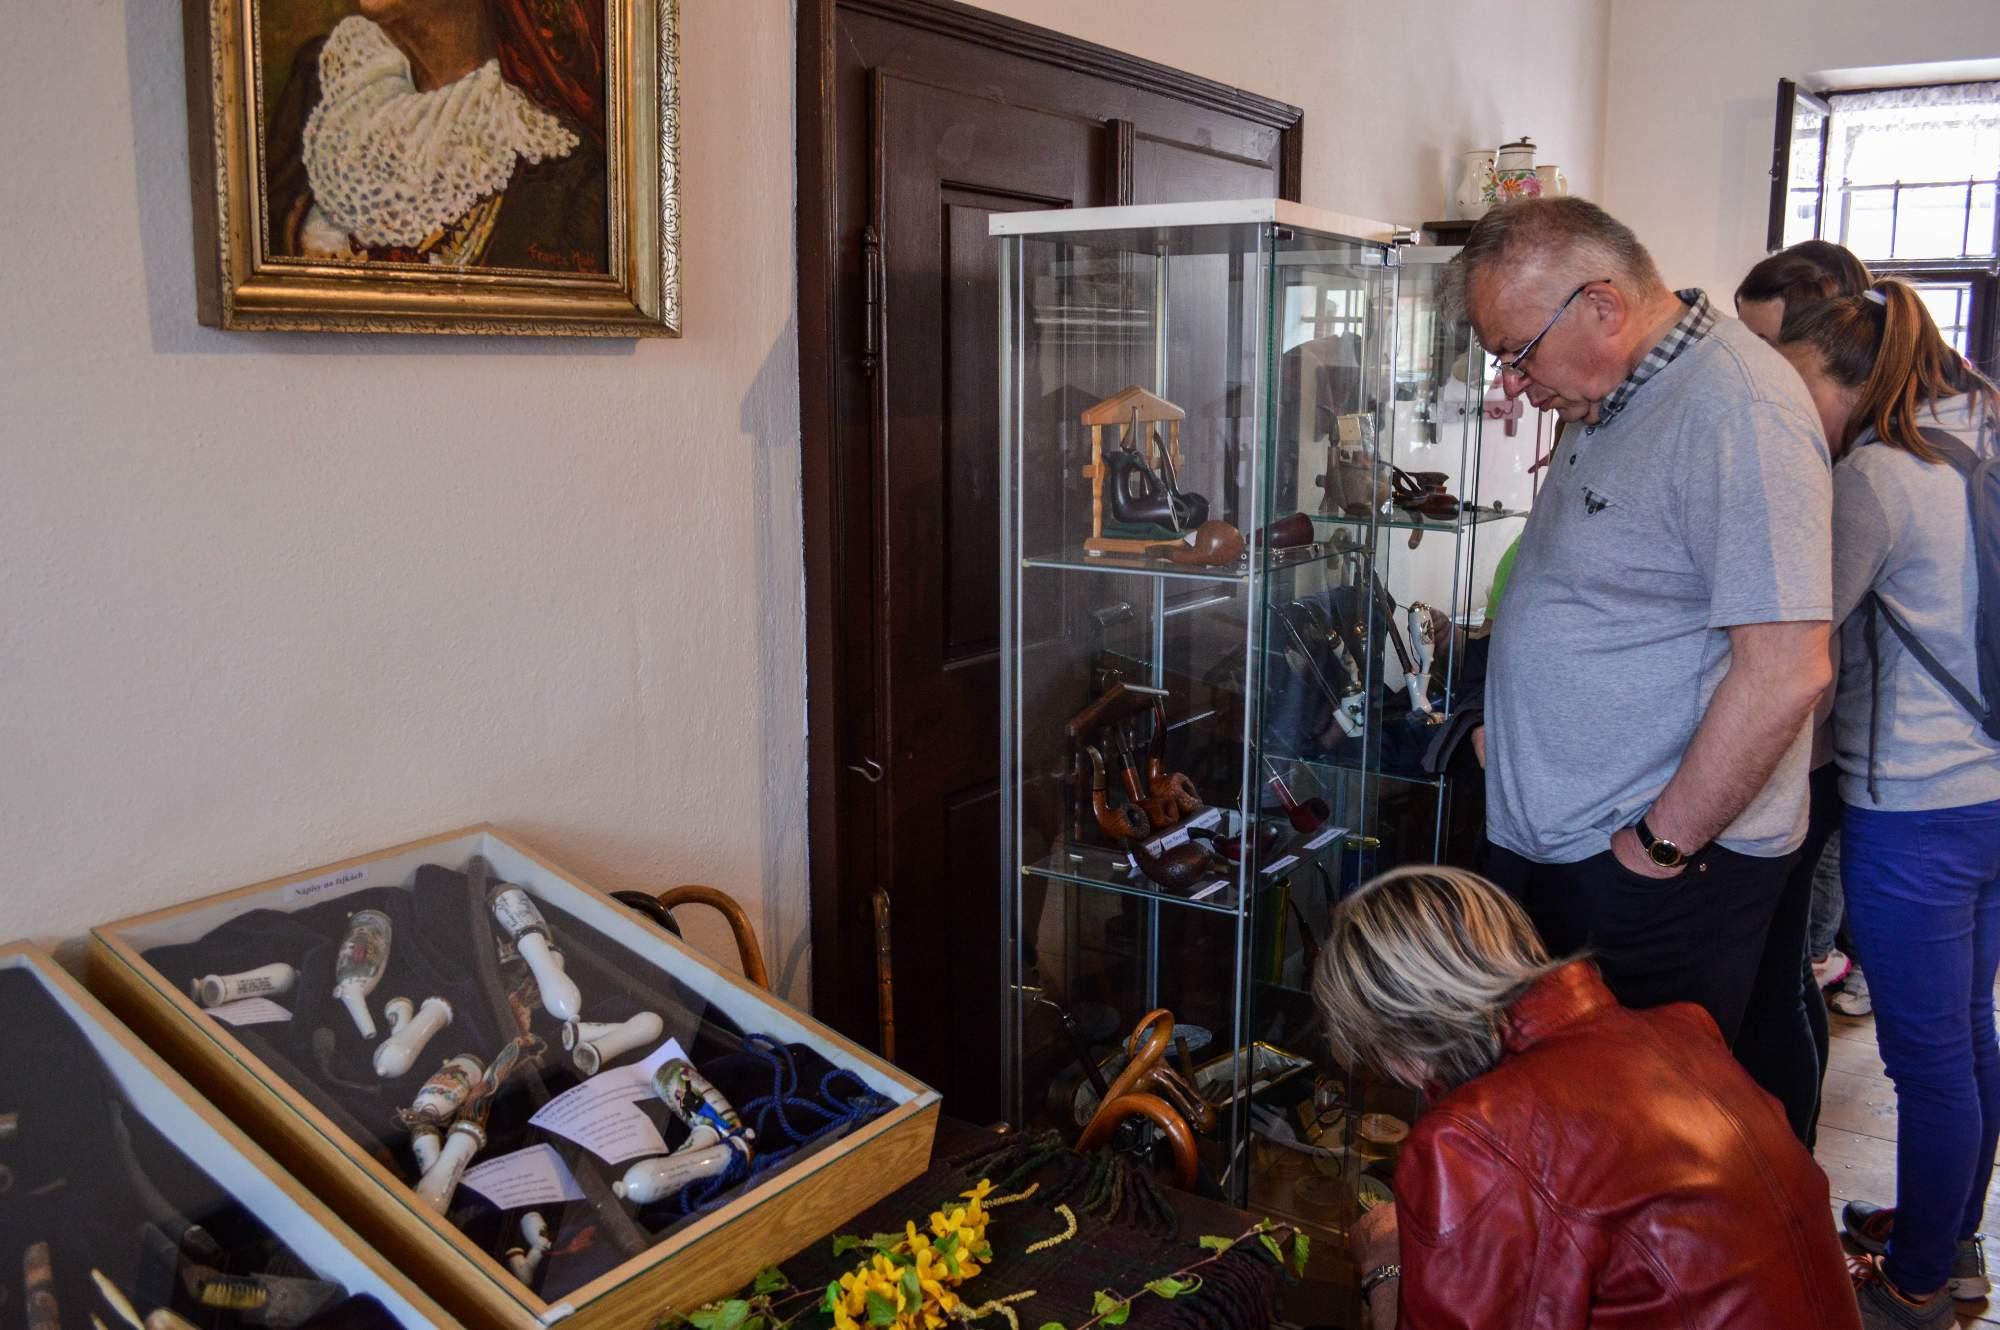 Dýmky ve vitrínách vydržely v jednom kuse i dvě stě let. Foto: Eva Bartáková